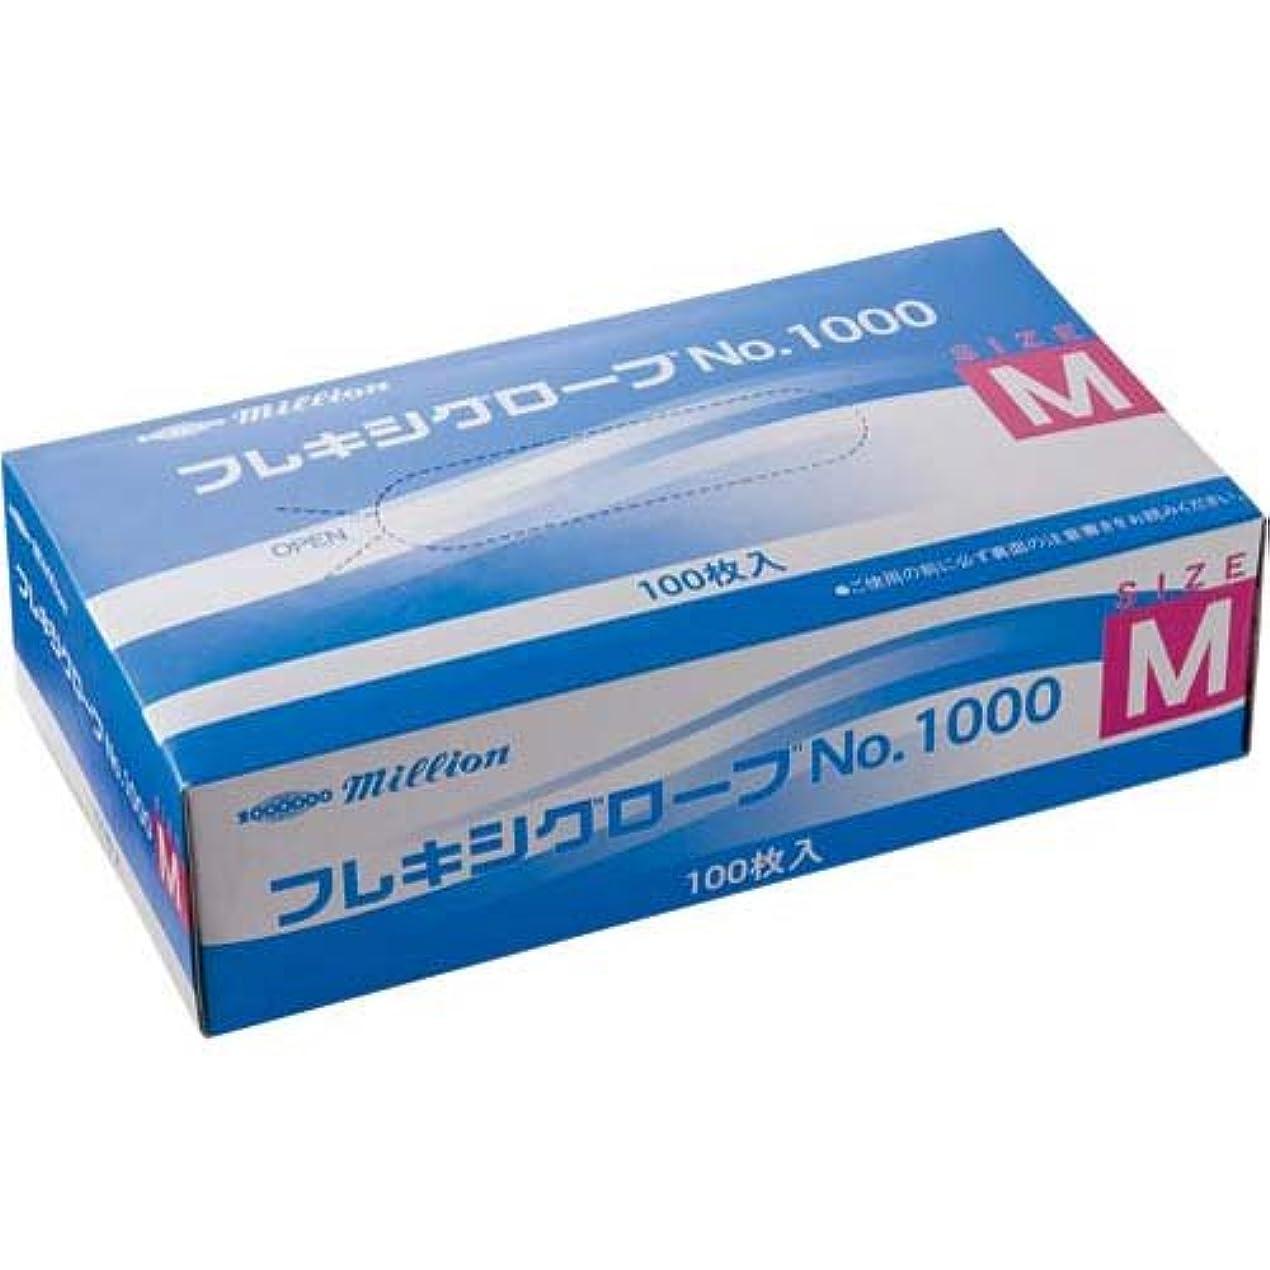 さらに船形構成員共和 プラスチック手袋 粉付 No.1000 M 10箱